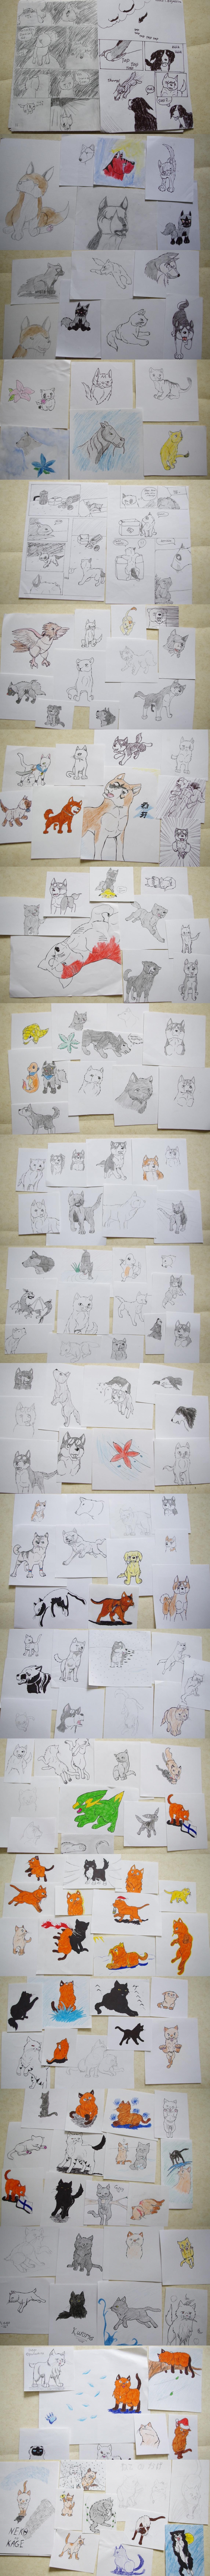 Drawing history - 2007 by Yamashita-akaDoragon